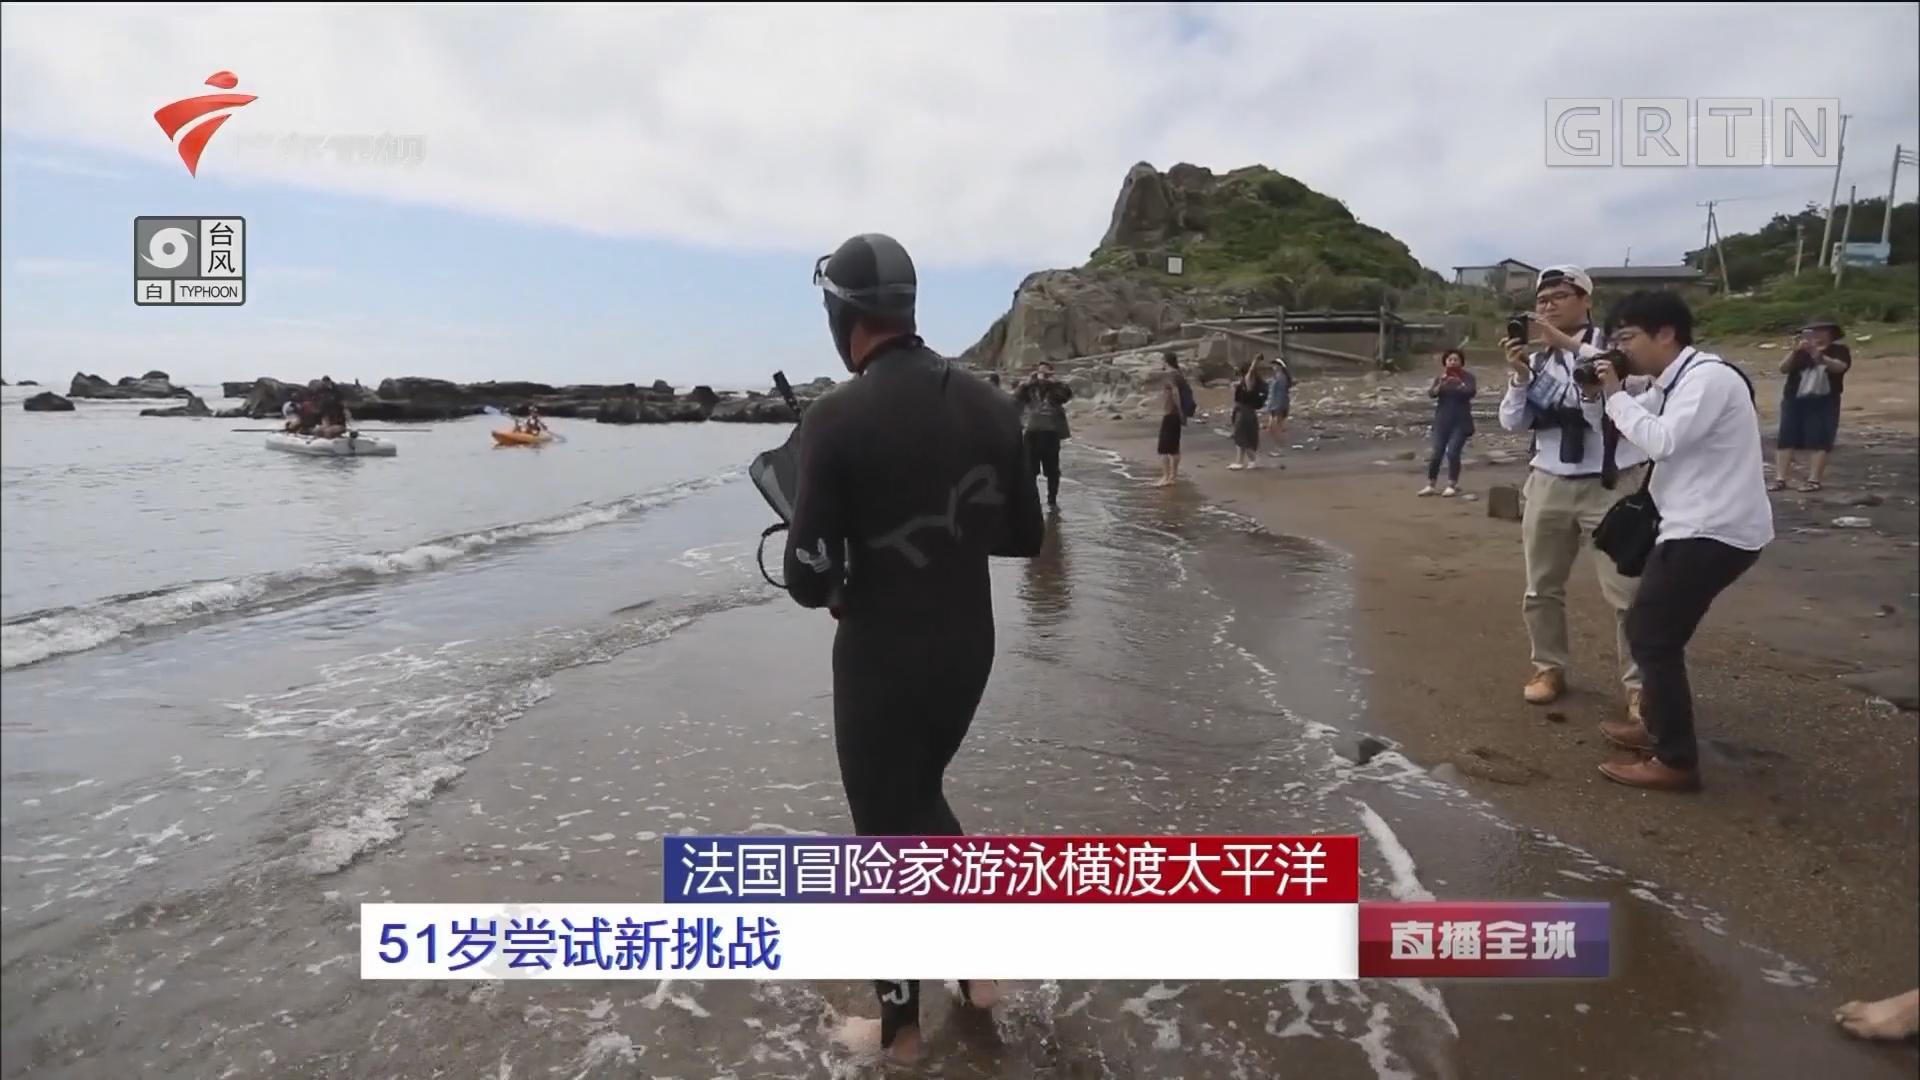 法国冒险家游泳横渡太平洋:51岁尝试新挑战